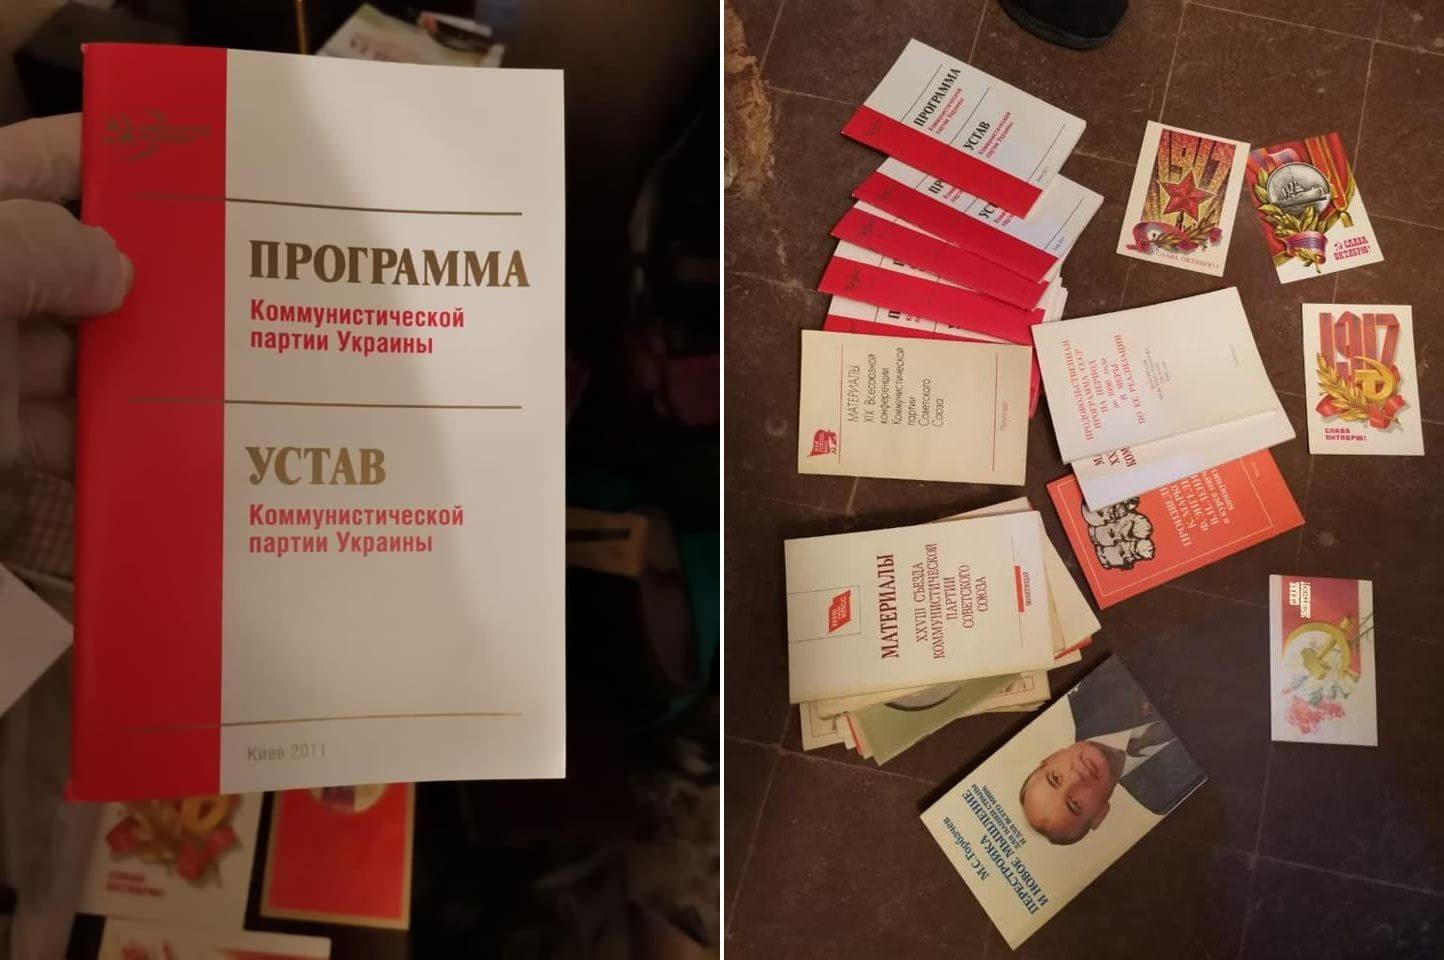 В Херсонской области сторонника коммунистических идей осудили за сепаратизм